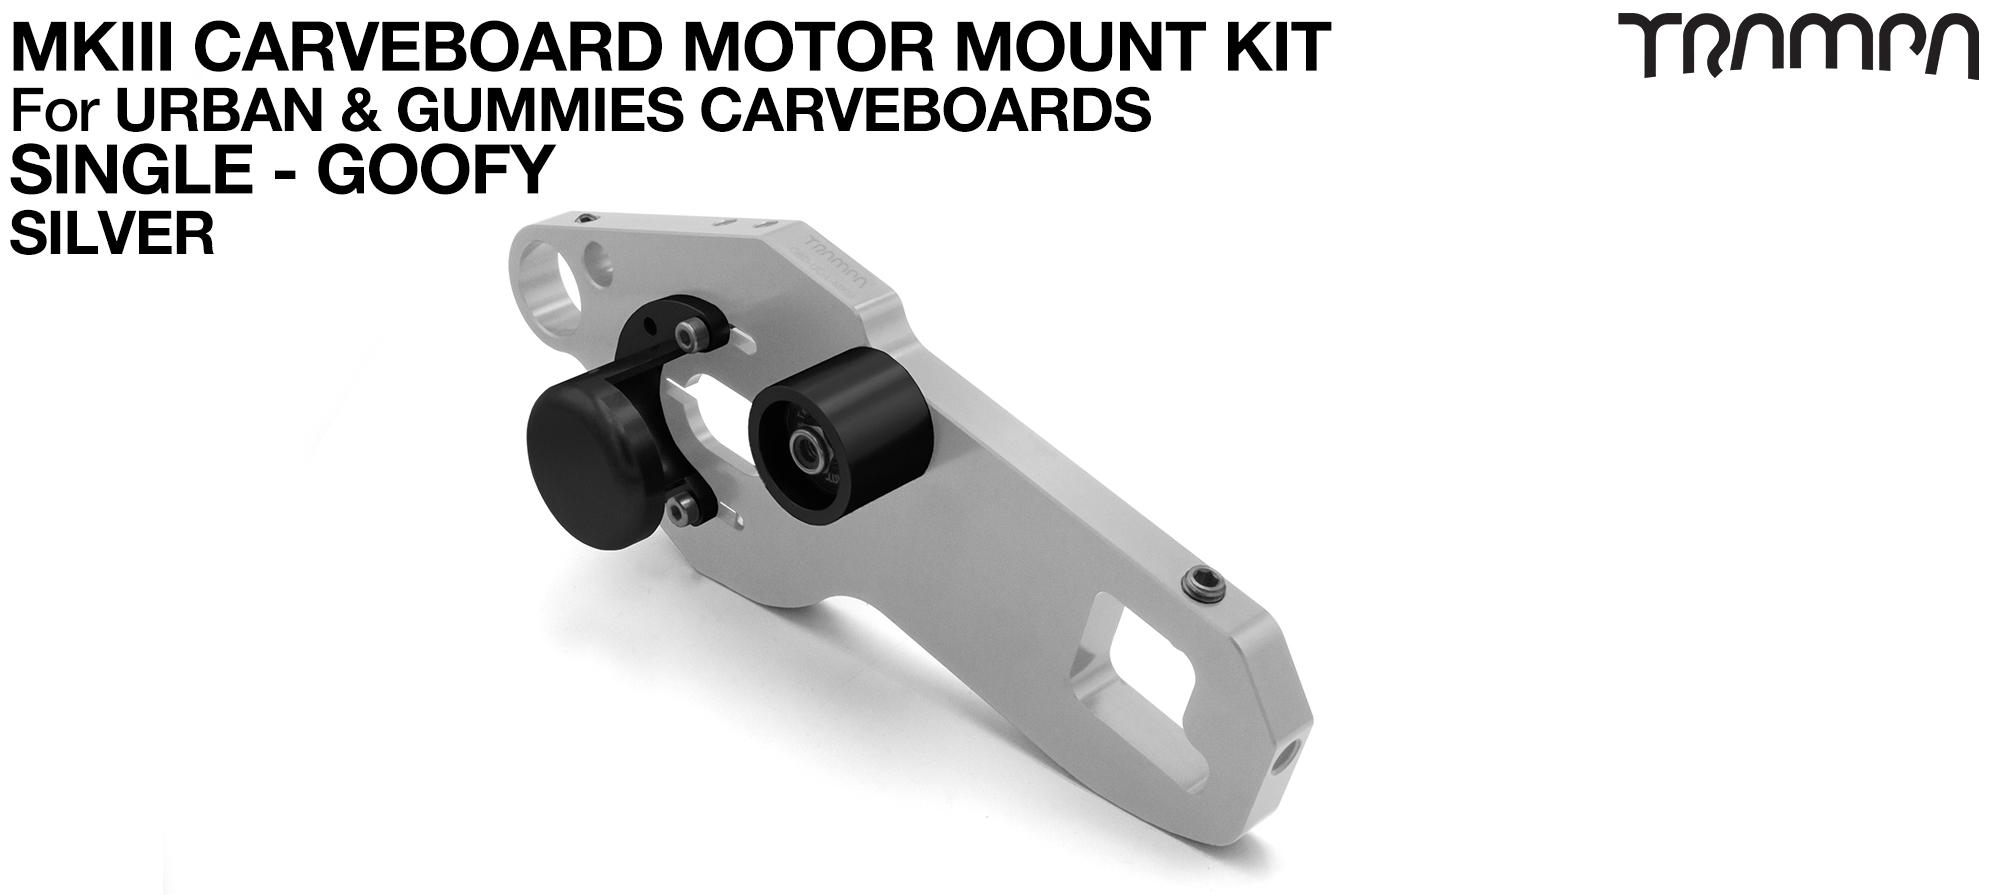 TRAMPA MkIII CARVE BOARD Motor Mount Kit - SINGLE SILVER